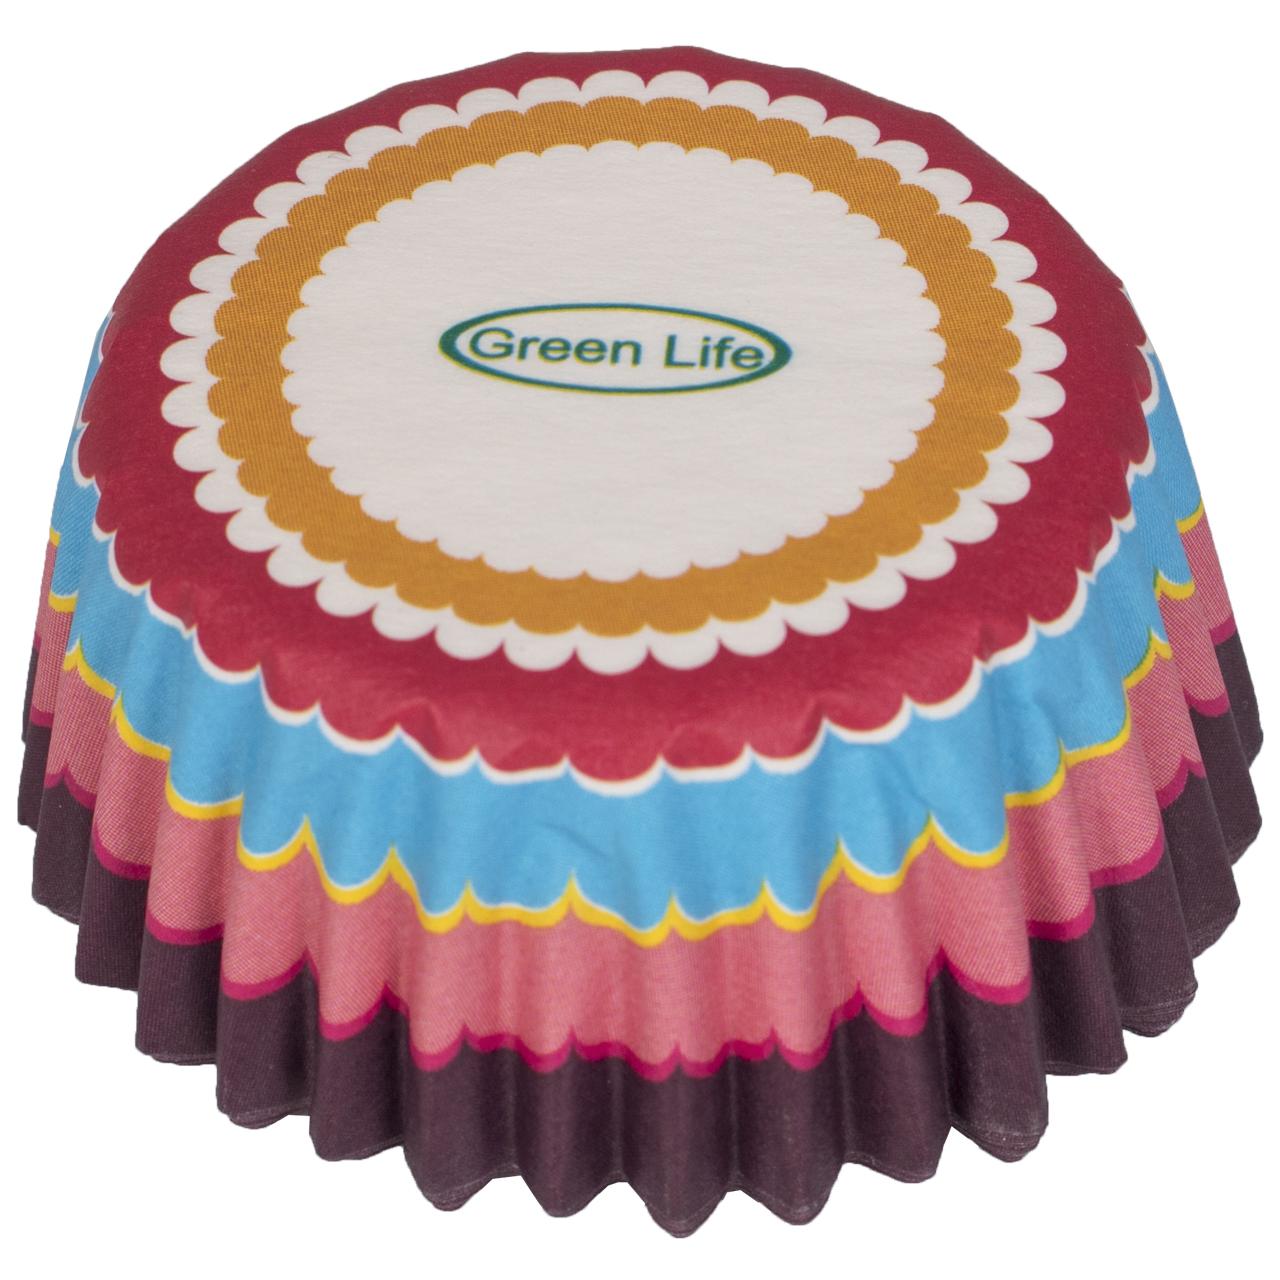 کپسول کاغذی کاپ کیک گرین لایف کد SH-318 بسته 30 عددی